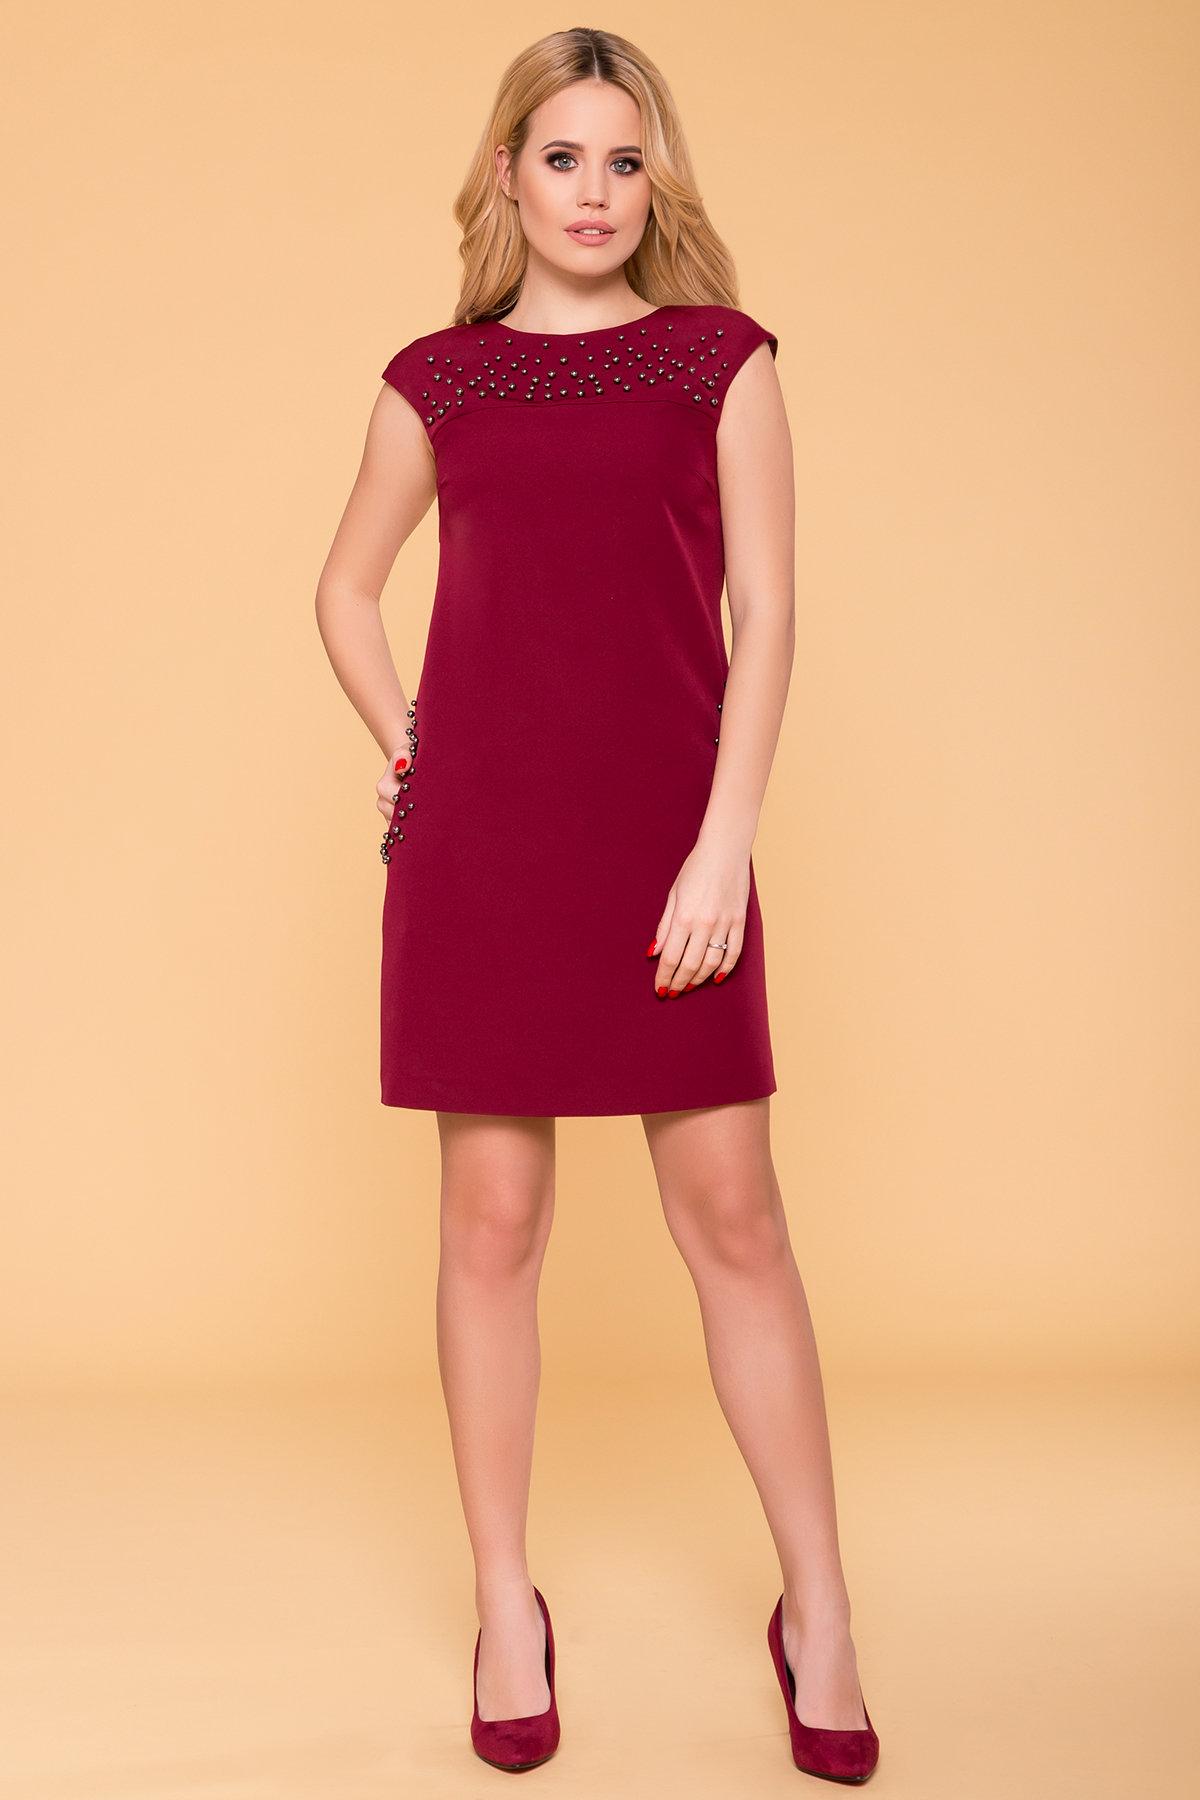 купить платье на лето Платье с коротким рукавом Мими 4886